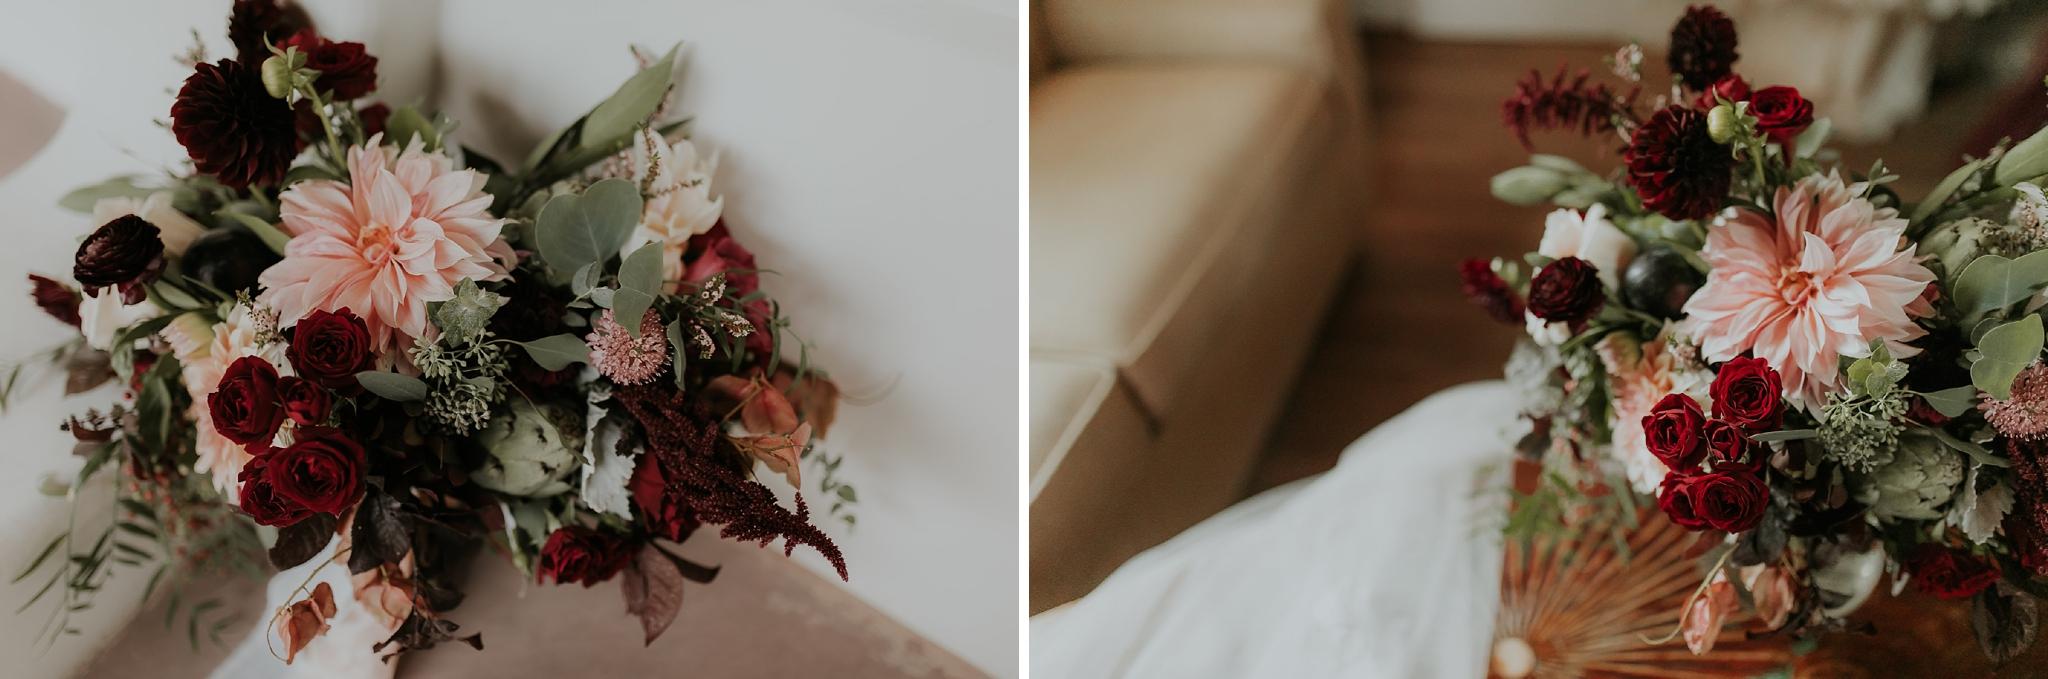 Alicia+lucia+photography+-+albuquerque+wedding+photographer+-+santa+fe+wedding+photography+-+new+mexico+wedding+photographer+-+new+mexico+wedding+-+new+mexico+florist+-+floriography+flowers+-+floriography+flowers+new+mexico+-+wedding+florist_0077.jpg